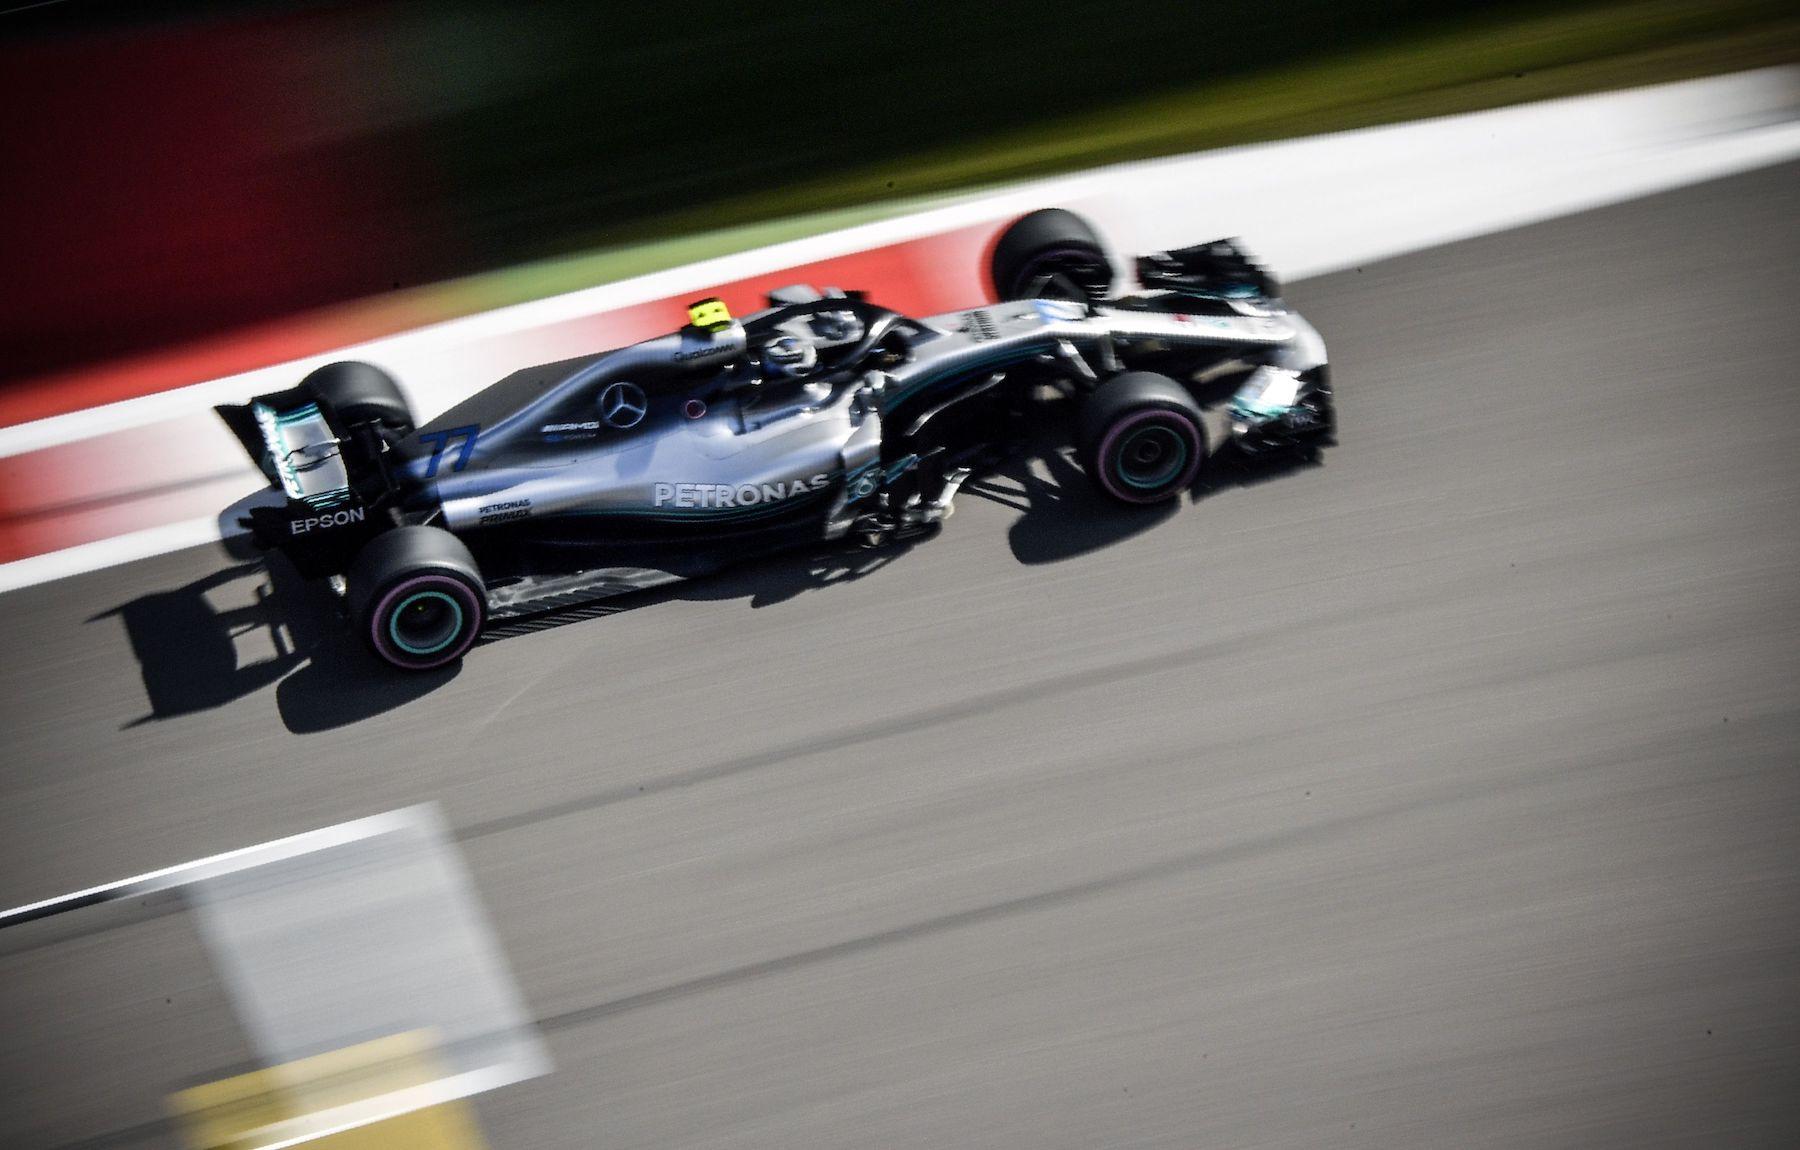 2018 Valtteri Bottas | Mercedes W09 | 2018 Russian GP Q2 1 copy.jpg